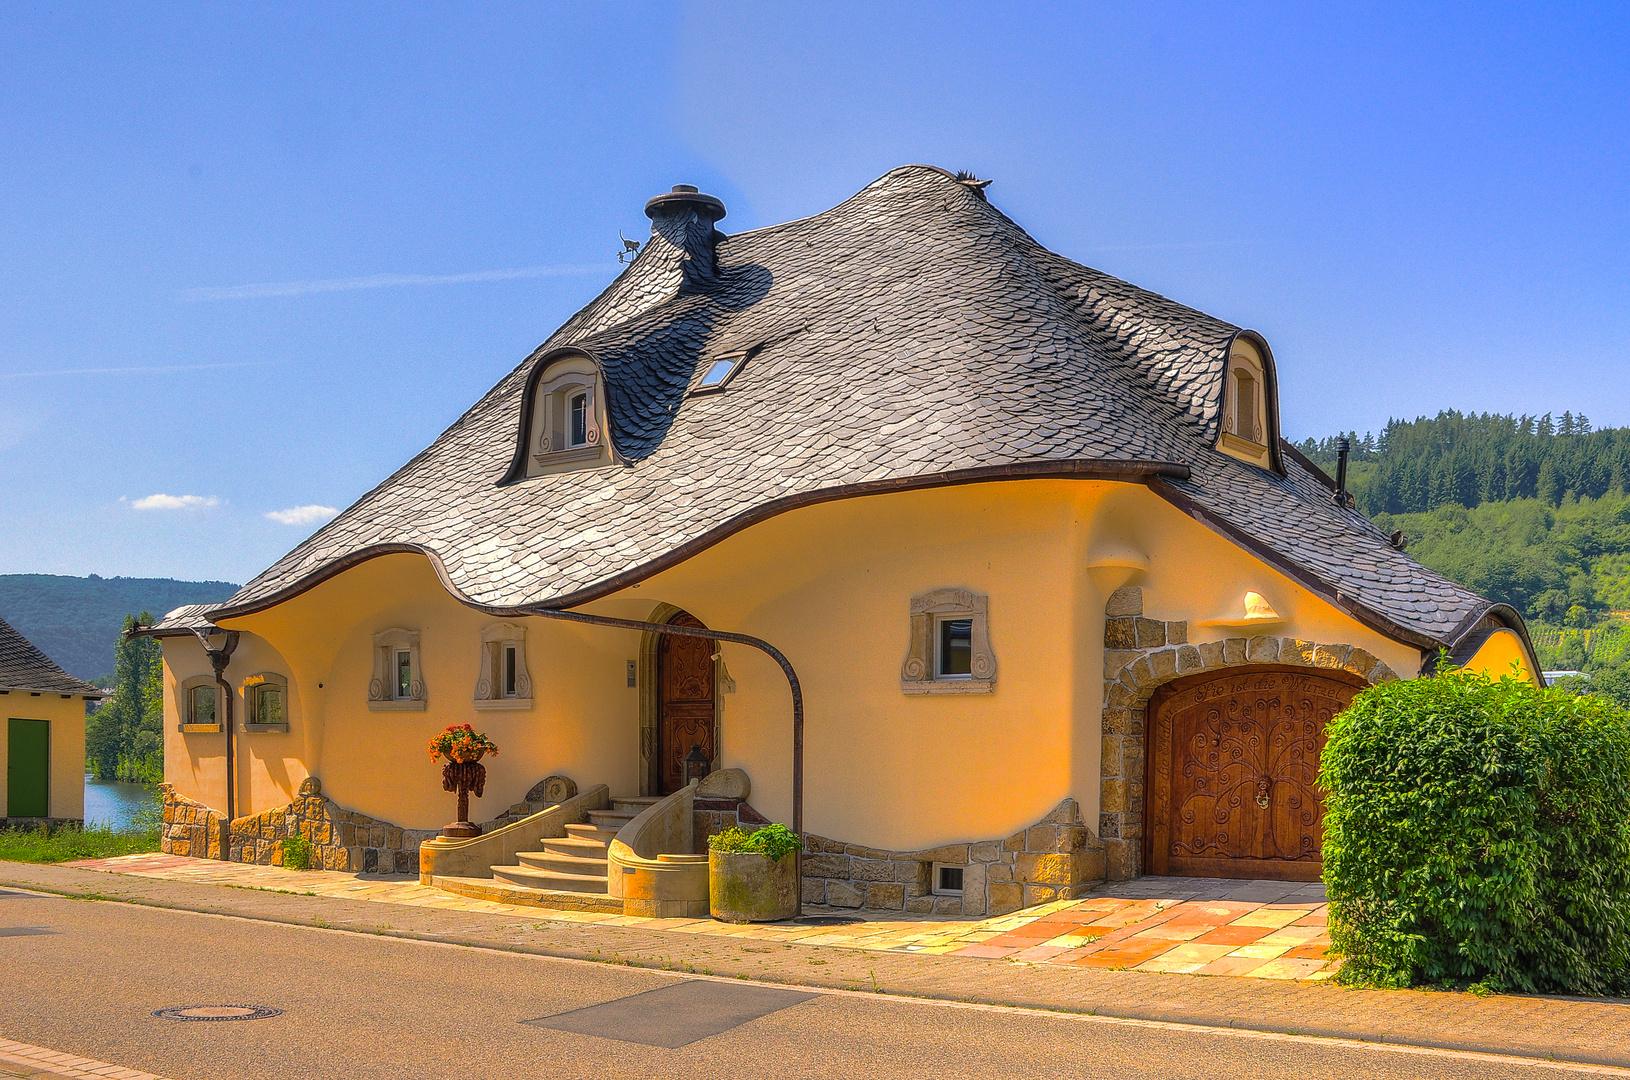 Die Wellenburg in Zell Mosel Foto & Bild